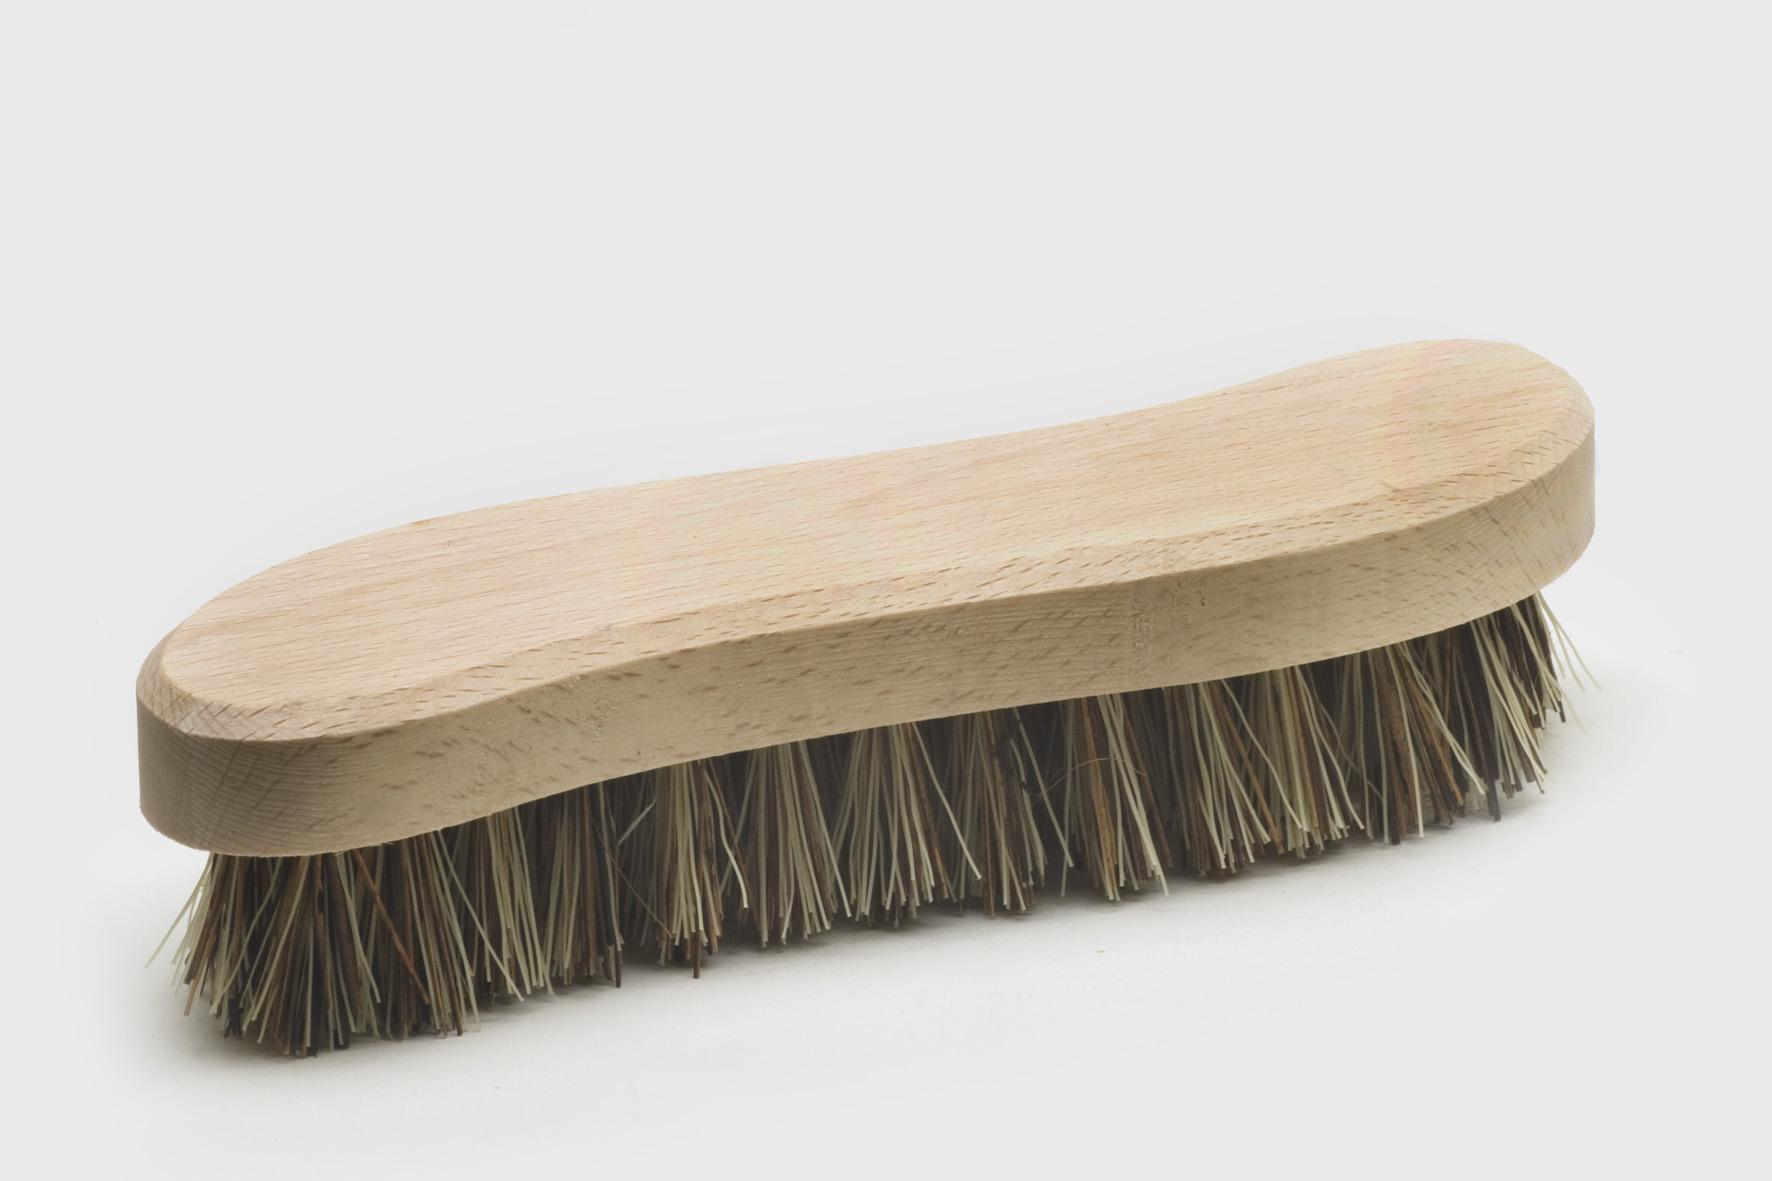 Scheuerbürsten, S-Form, Natur-Union, ohne Bart